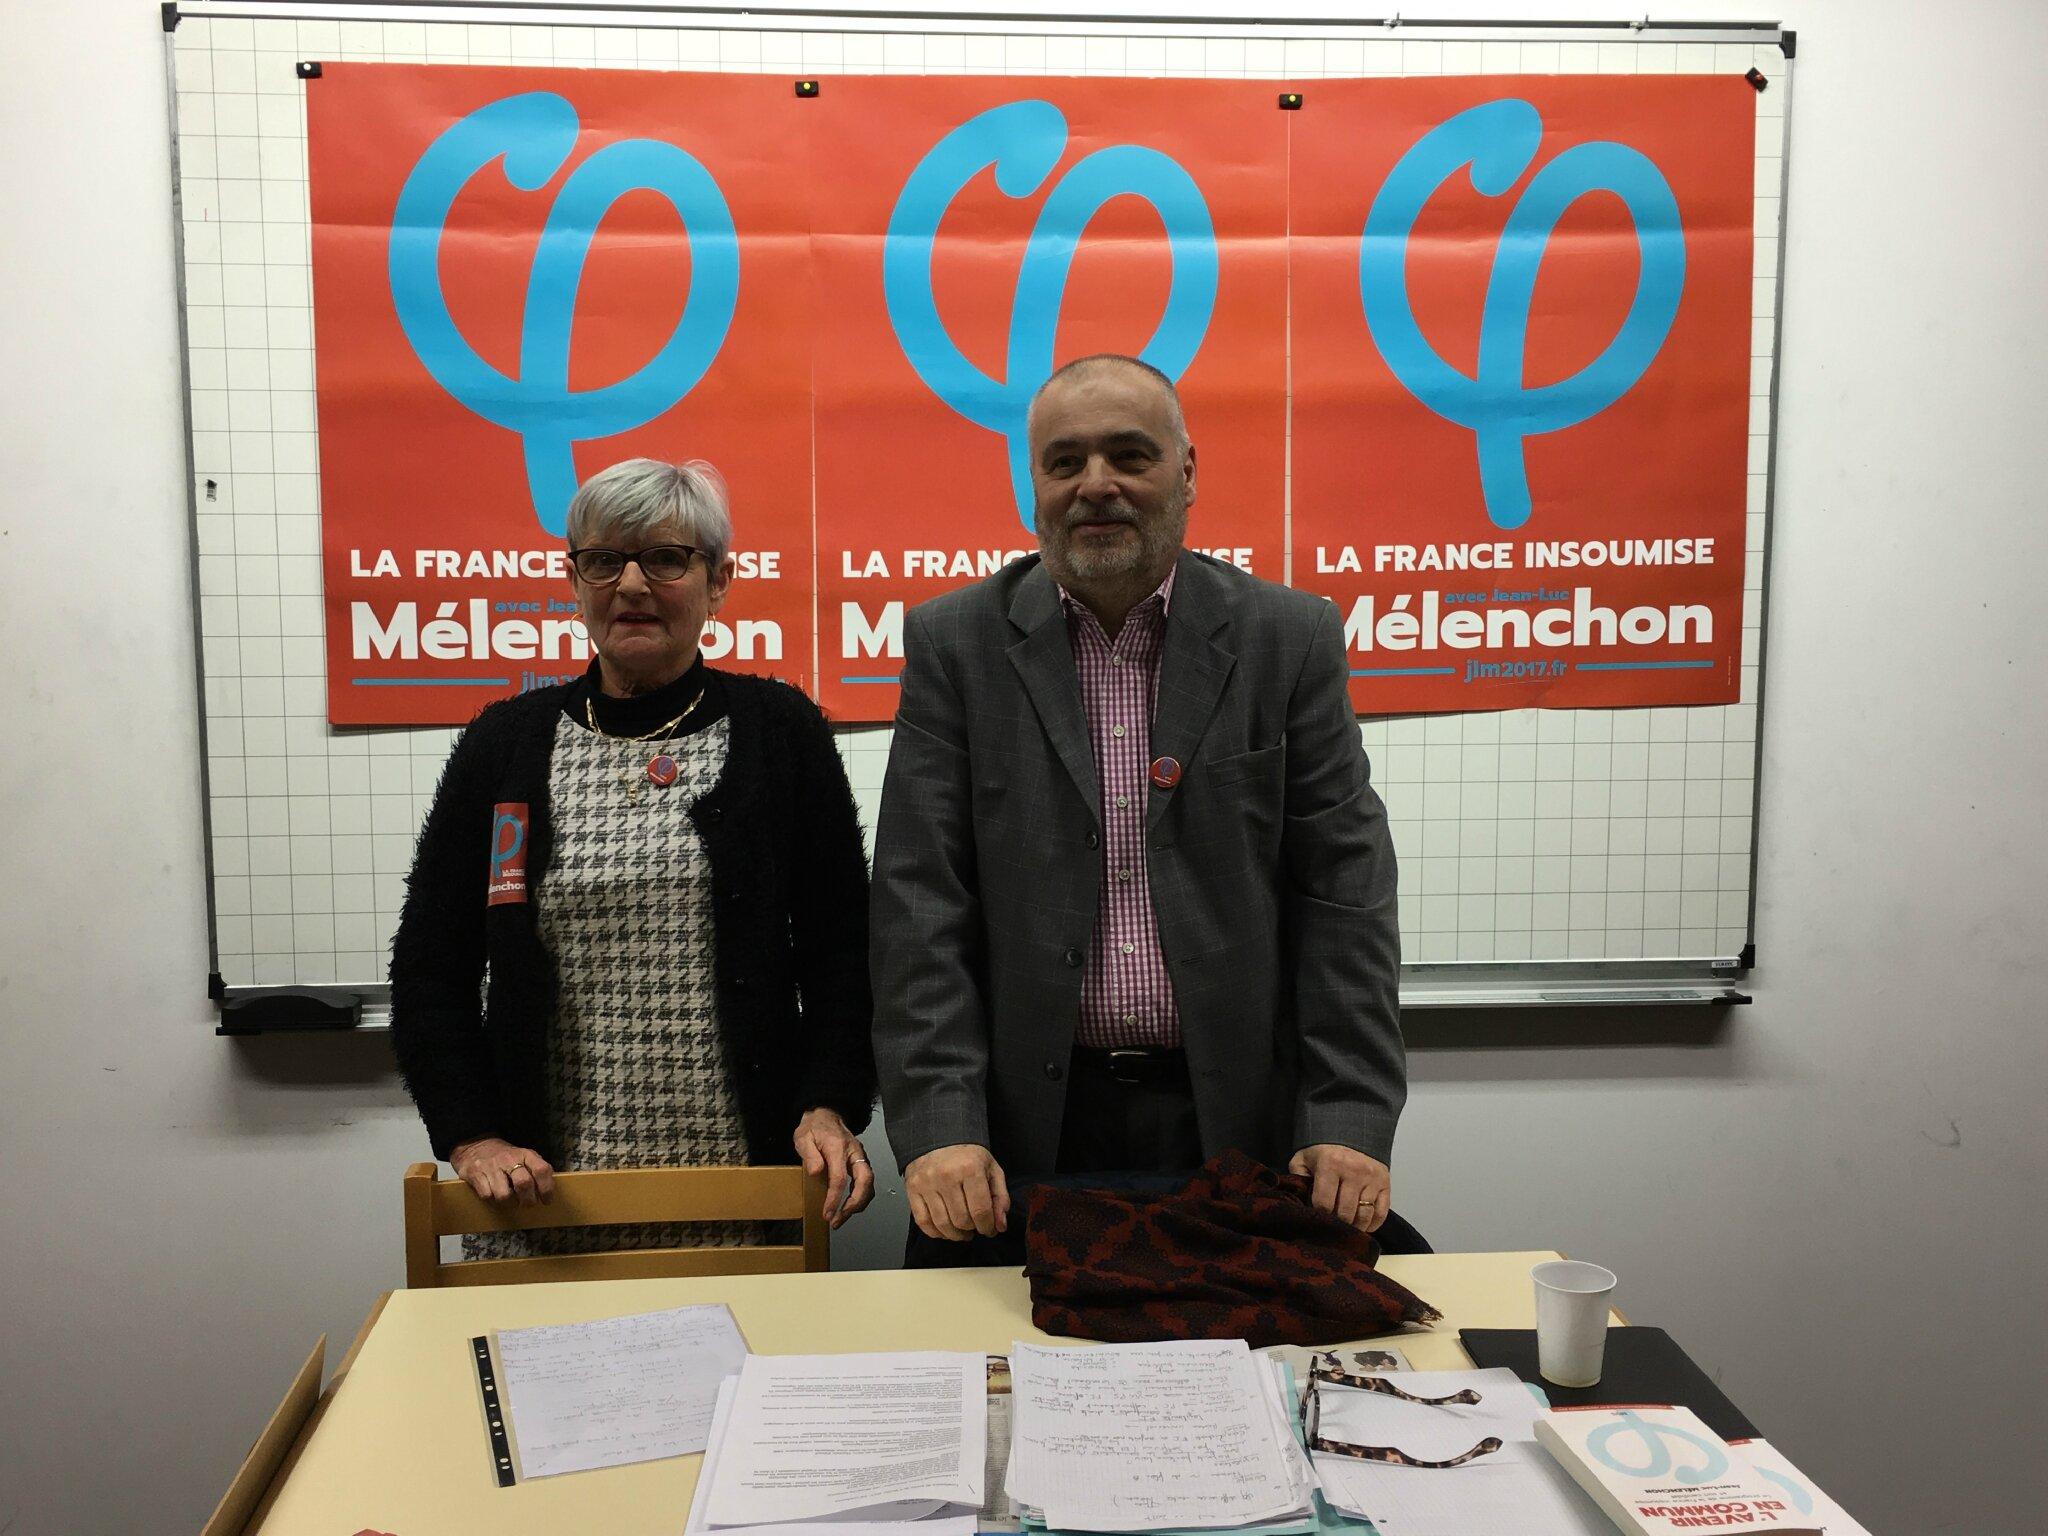 Patrick Grimbert et Claudine Santier candidats de la France Insoumise aux élections législatives 2017 dans le sud Manche